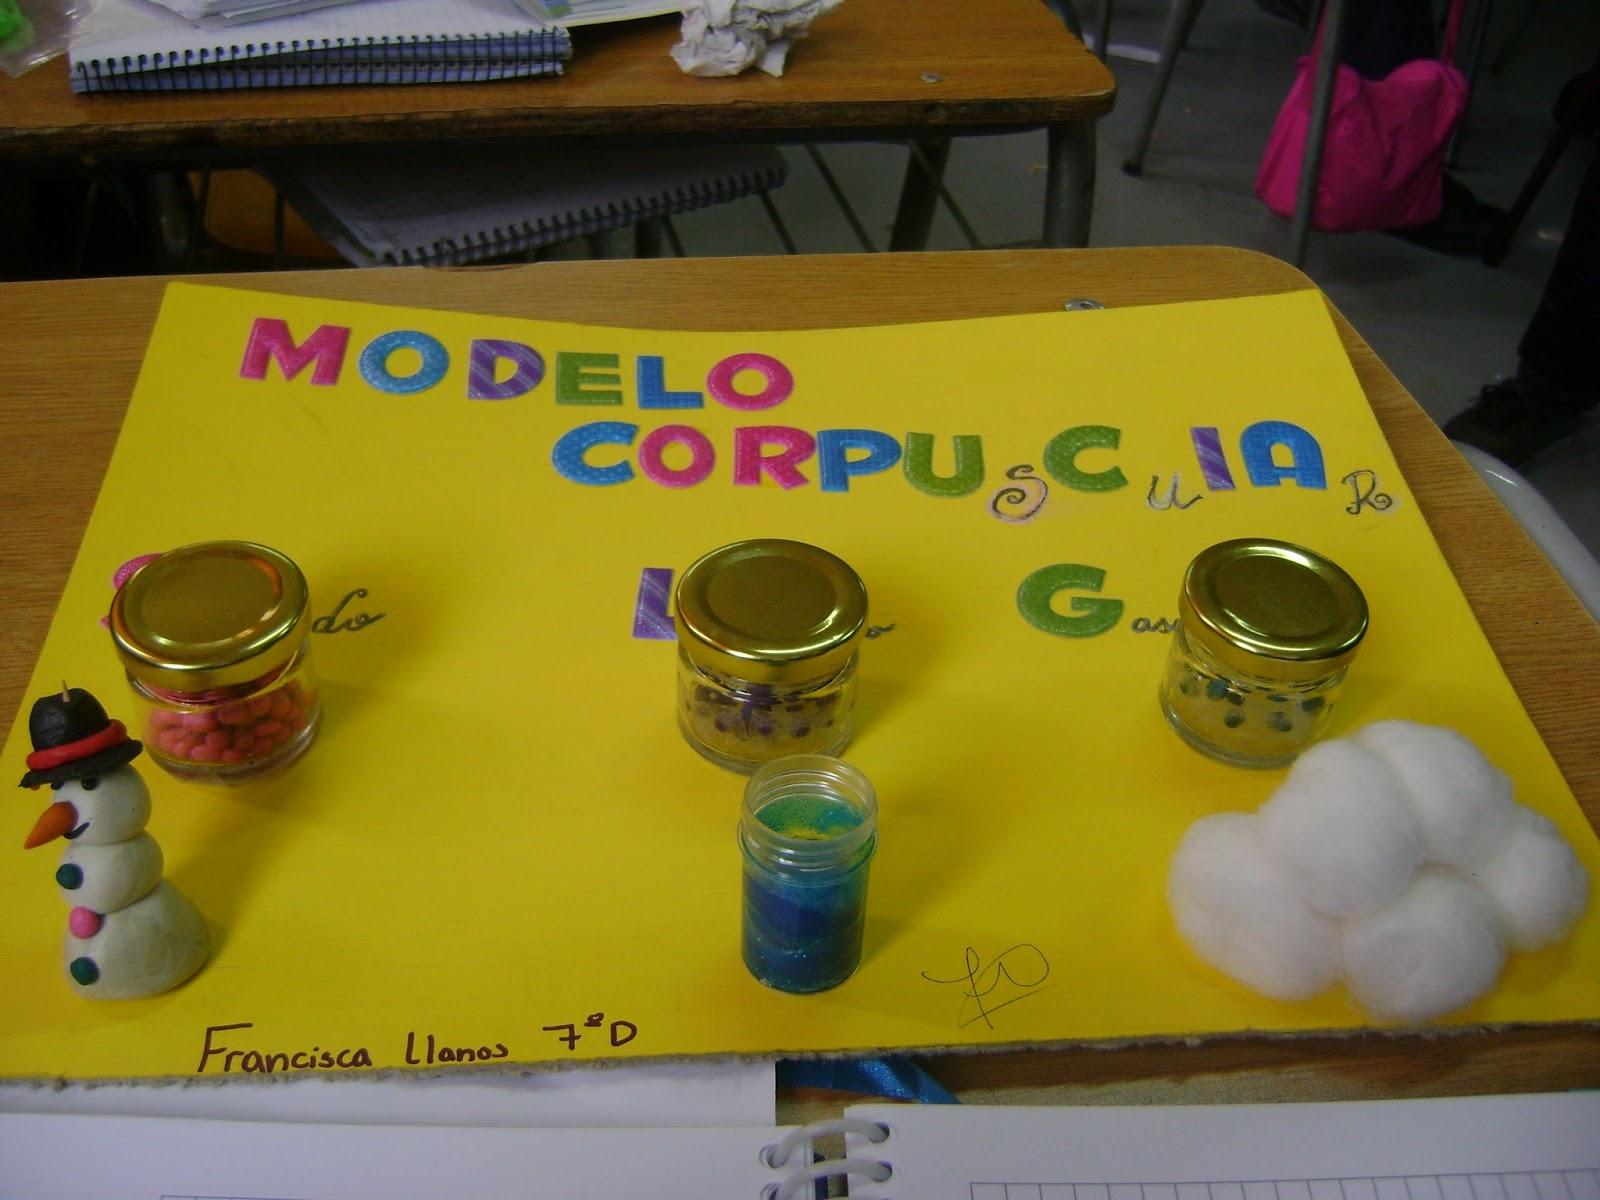 Compartamos nuestro c n maquetas modelo corpuscular 7 for Modelo solido con guijarros